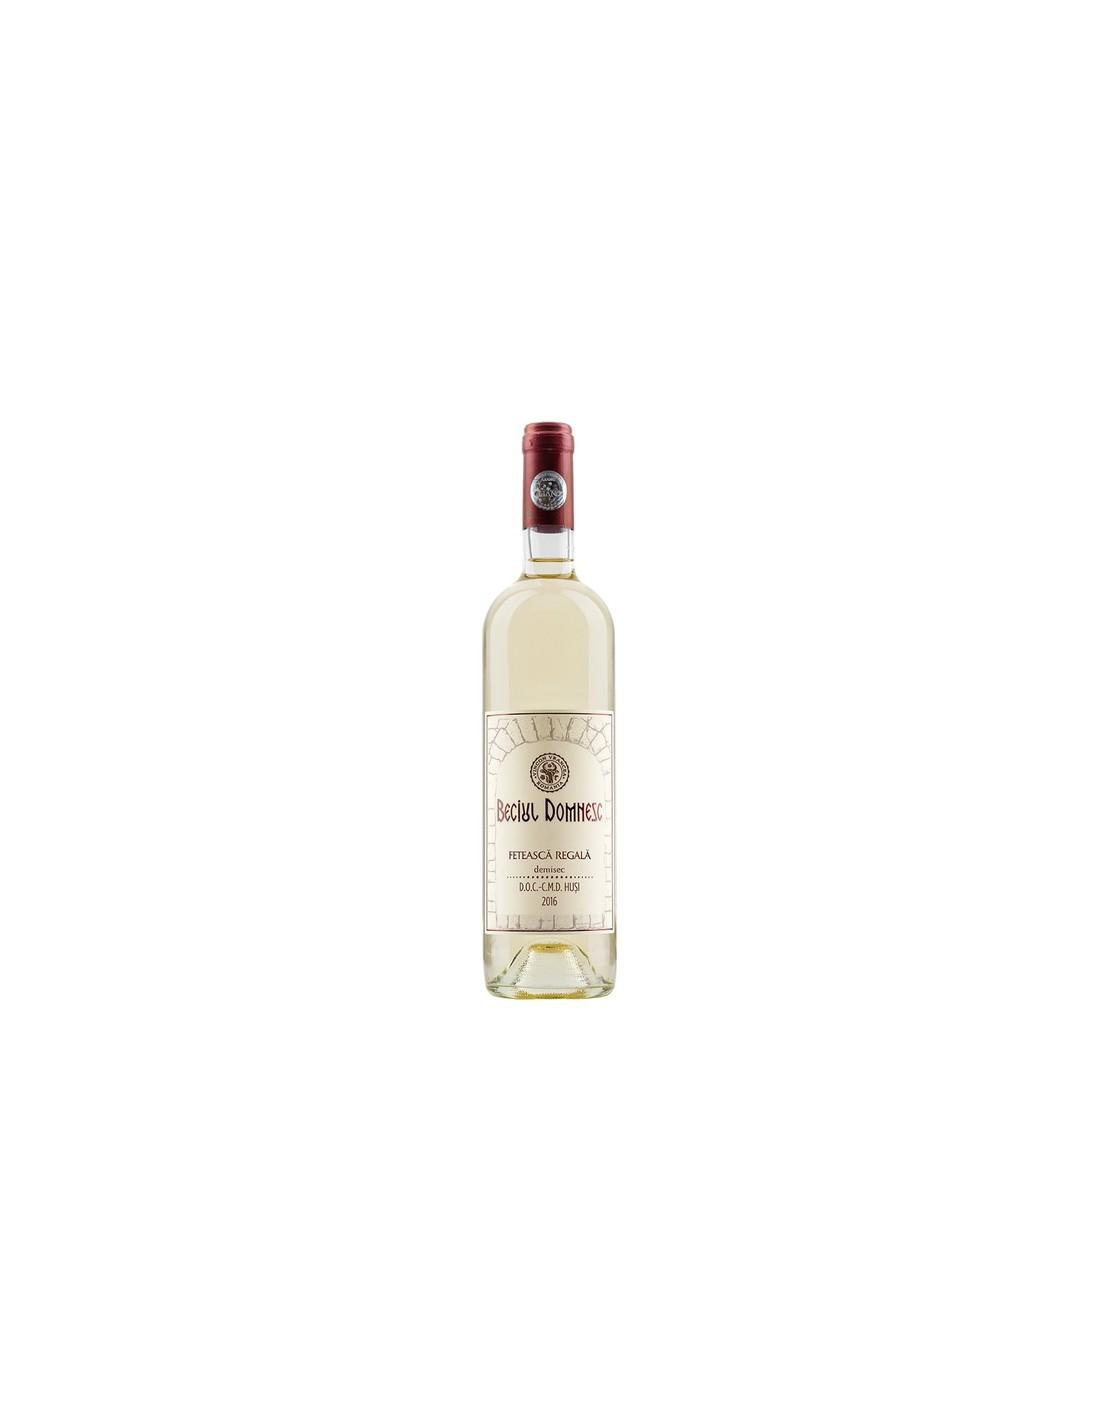 Vin alb demisec, Feteasca Regala, Beciul Domnesc Husi, 0.75L, 13% alc., Romania